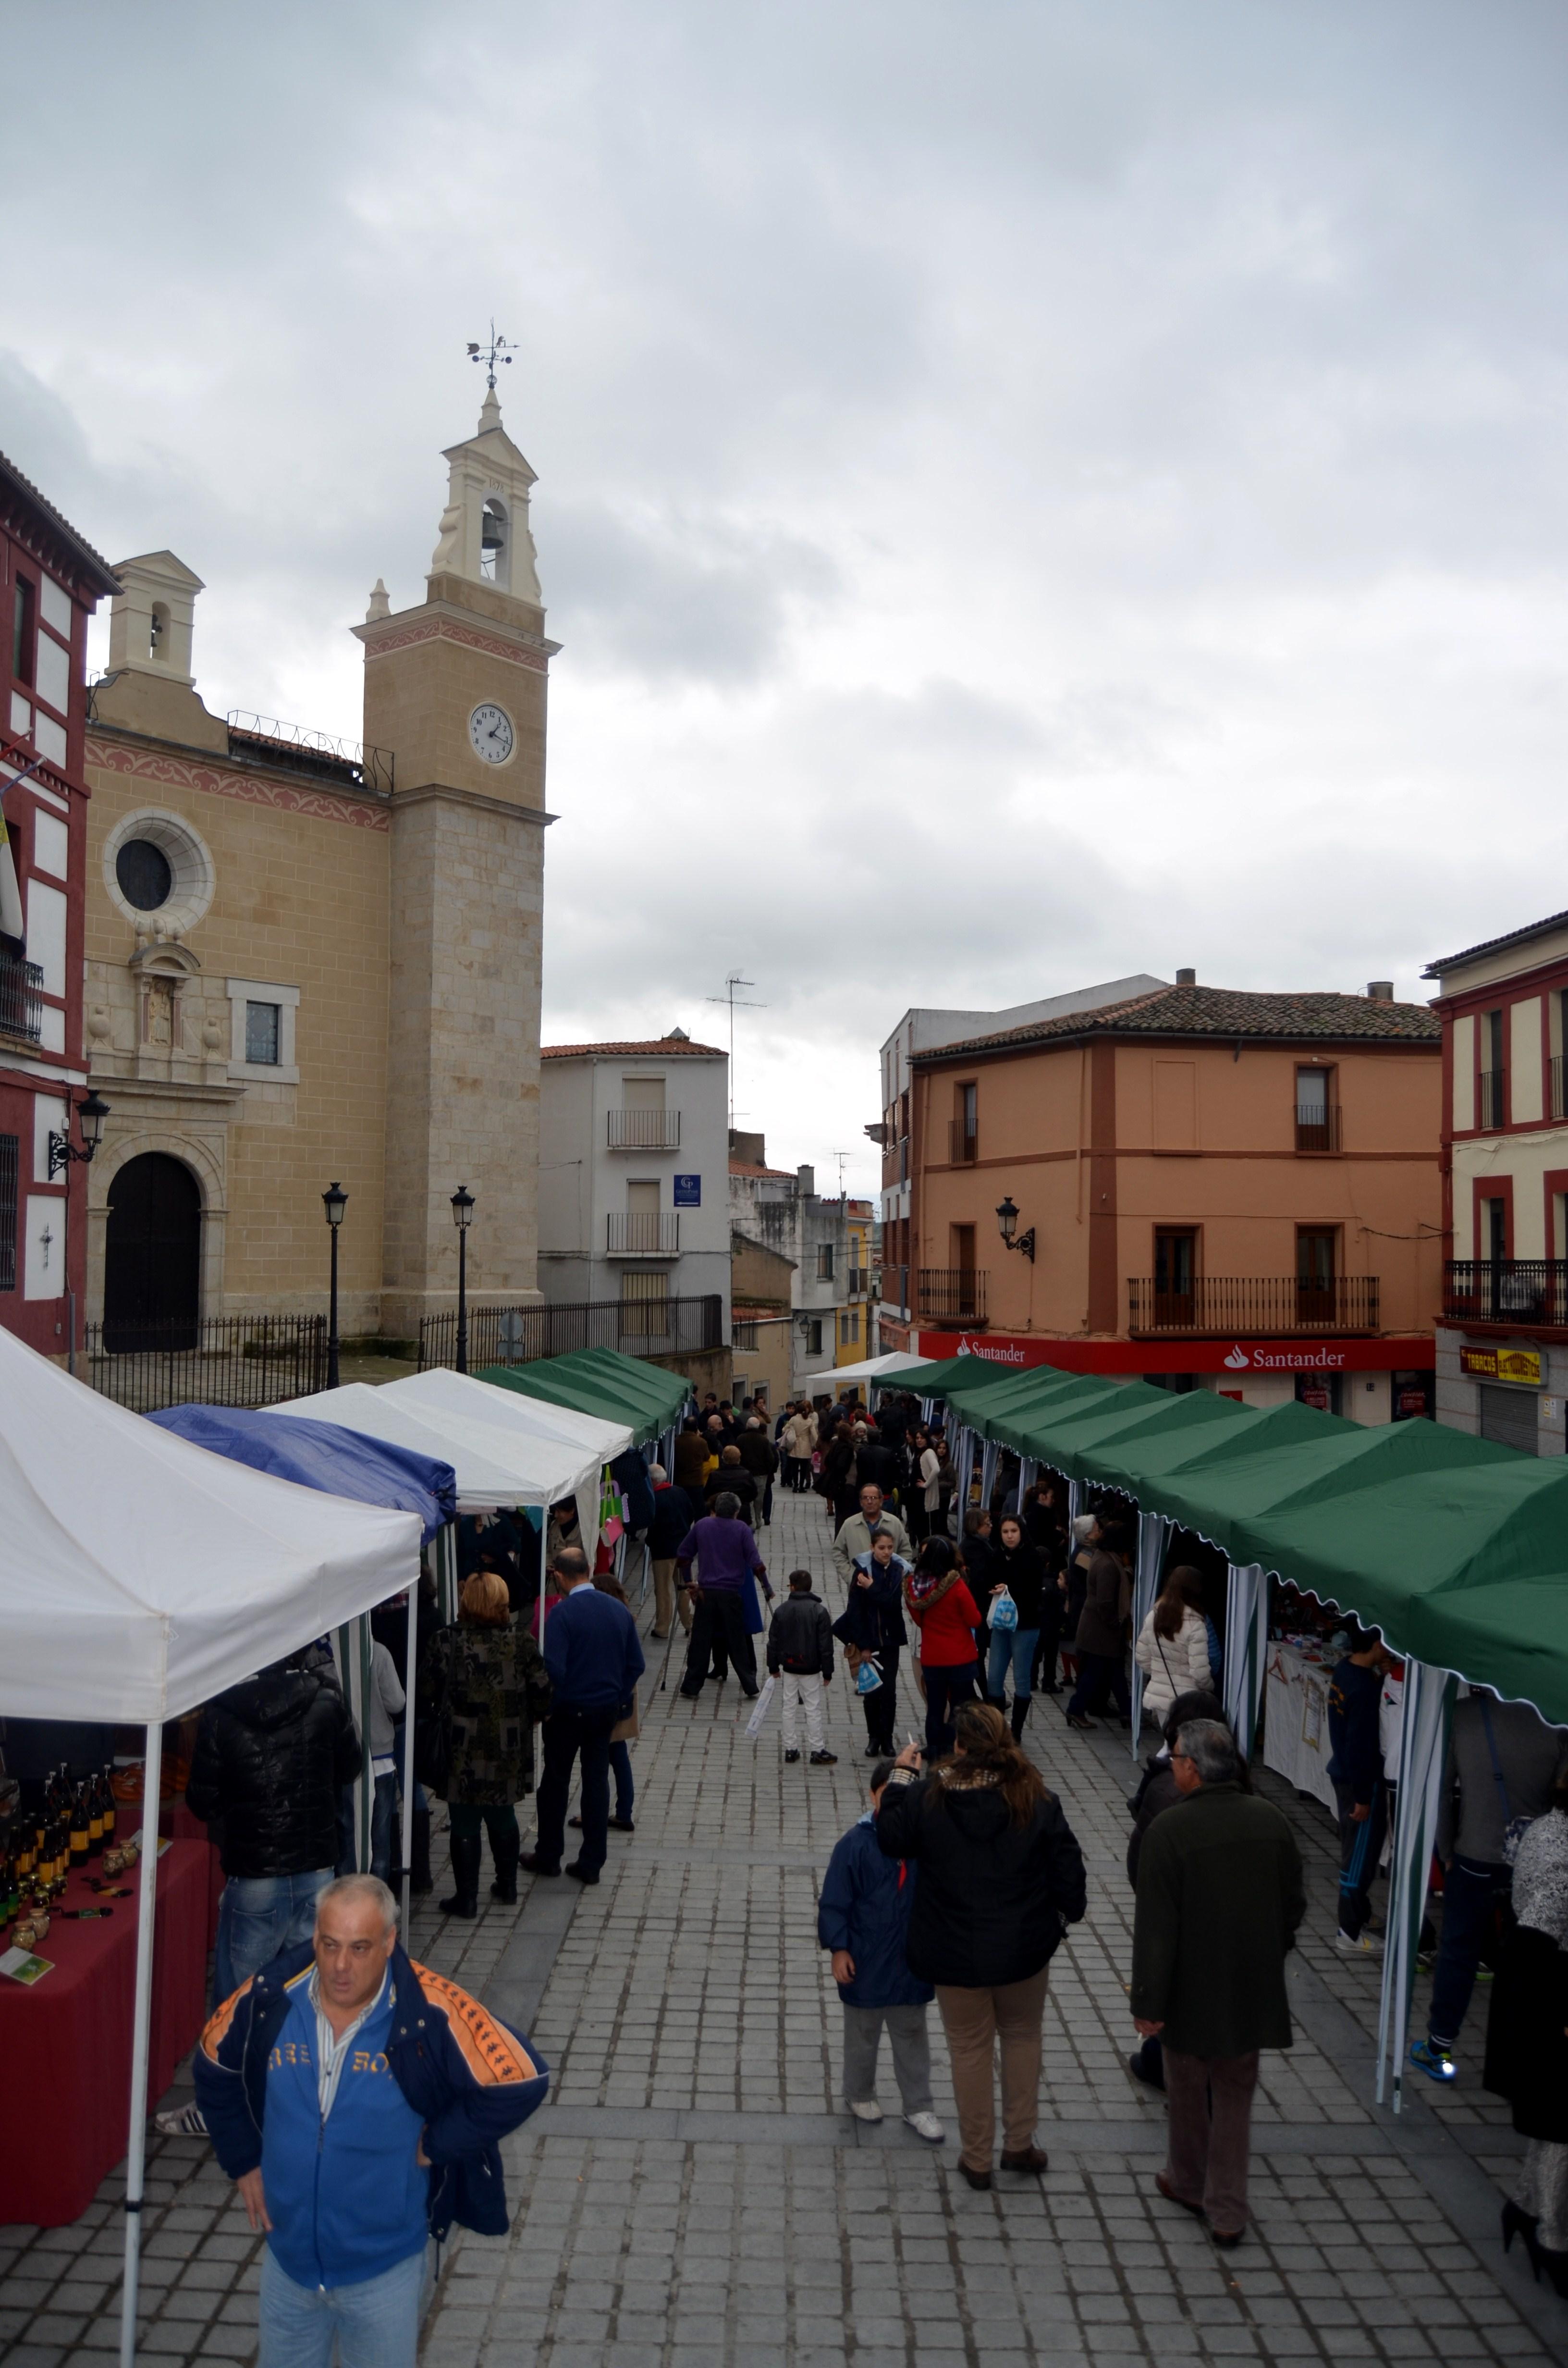 El II Rastrillo de Torrejoncillo se celebrará el próximo domingo 16 de junio